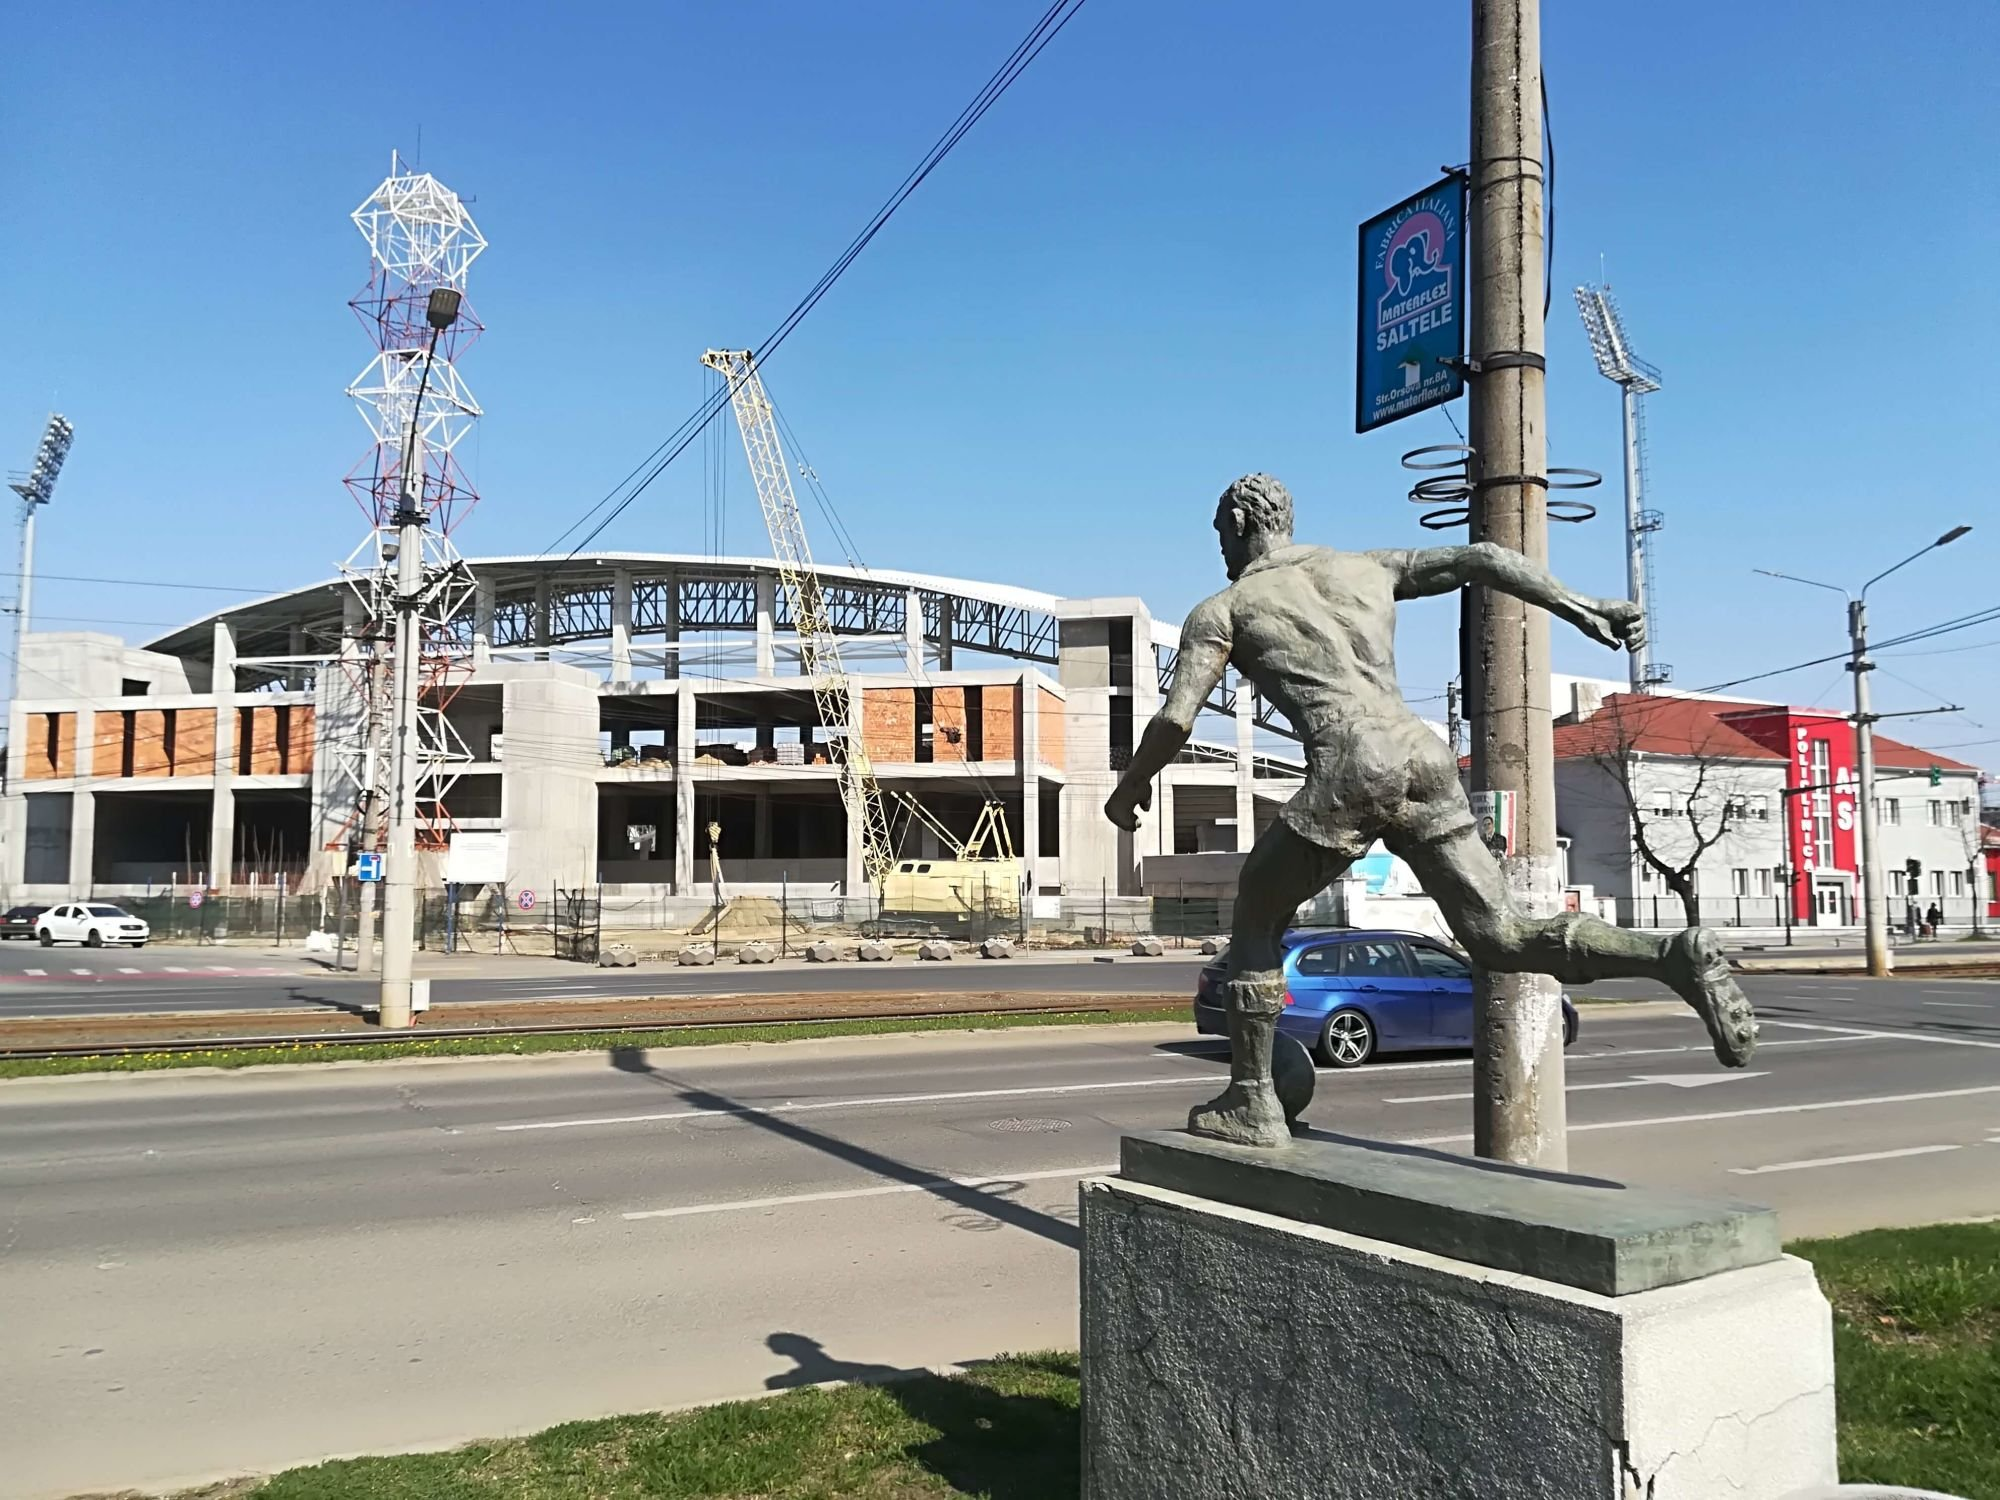 Aradi Neuman Ferenc varosi stadion